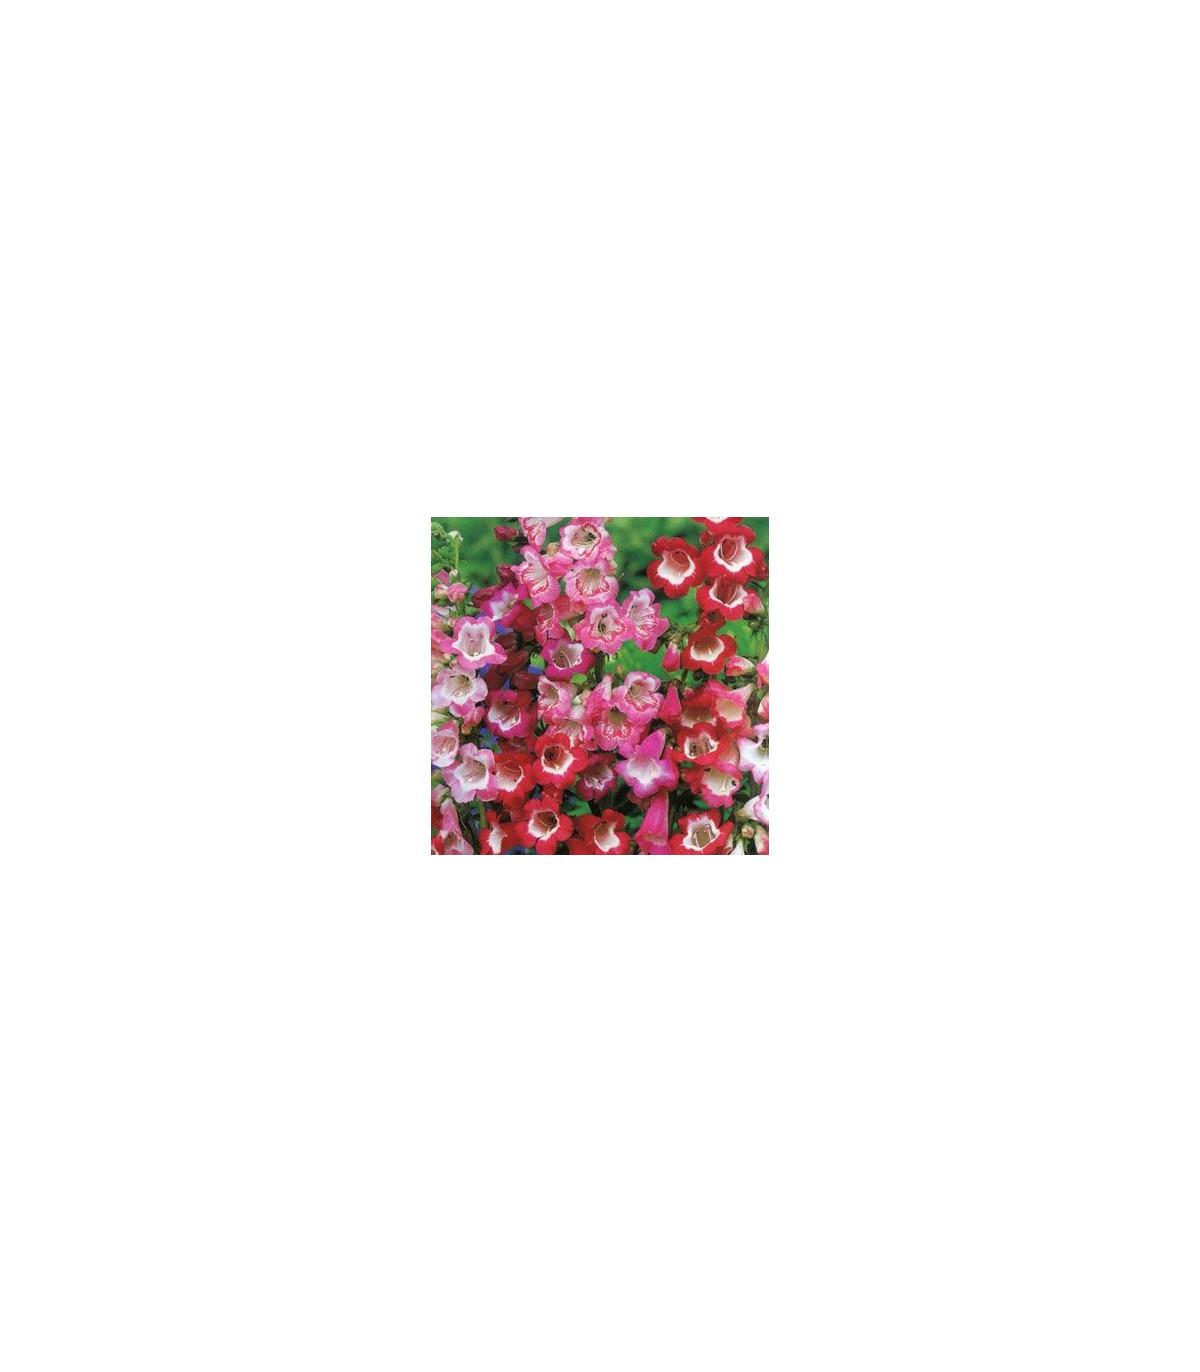 Dračík Hartwegův Senzace směs - Penstemon hartwegii - osivo dračíku - 0,2 g